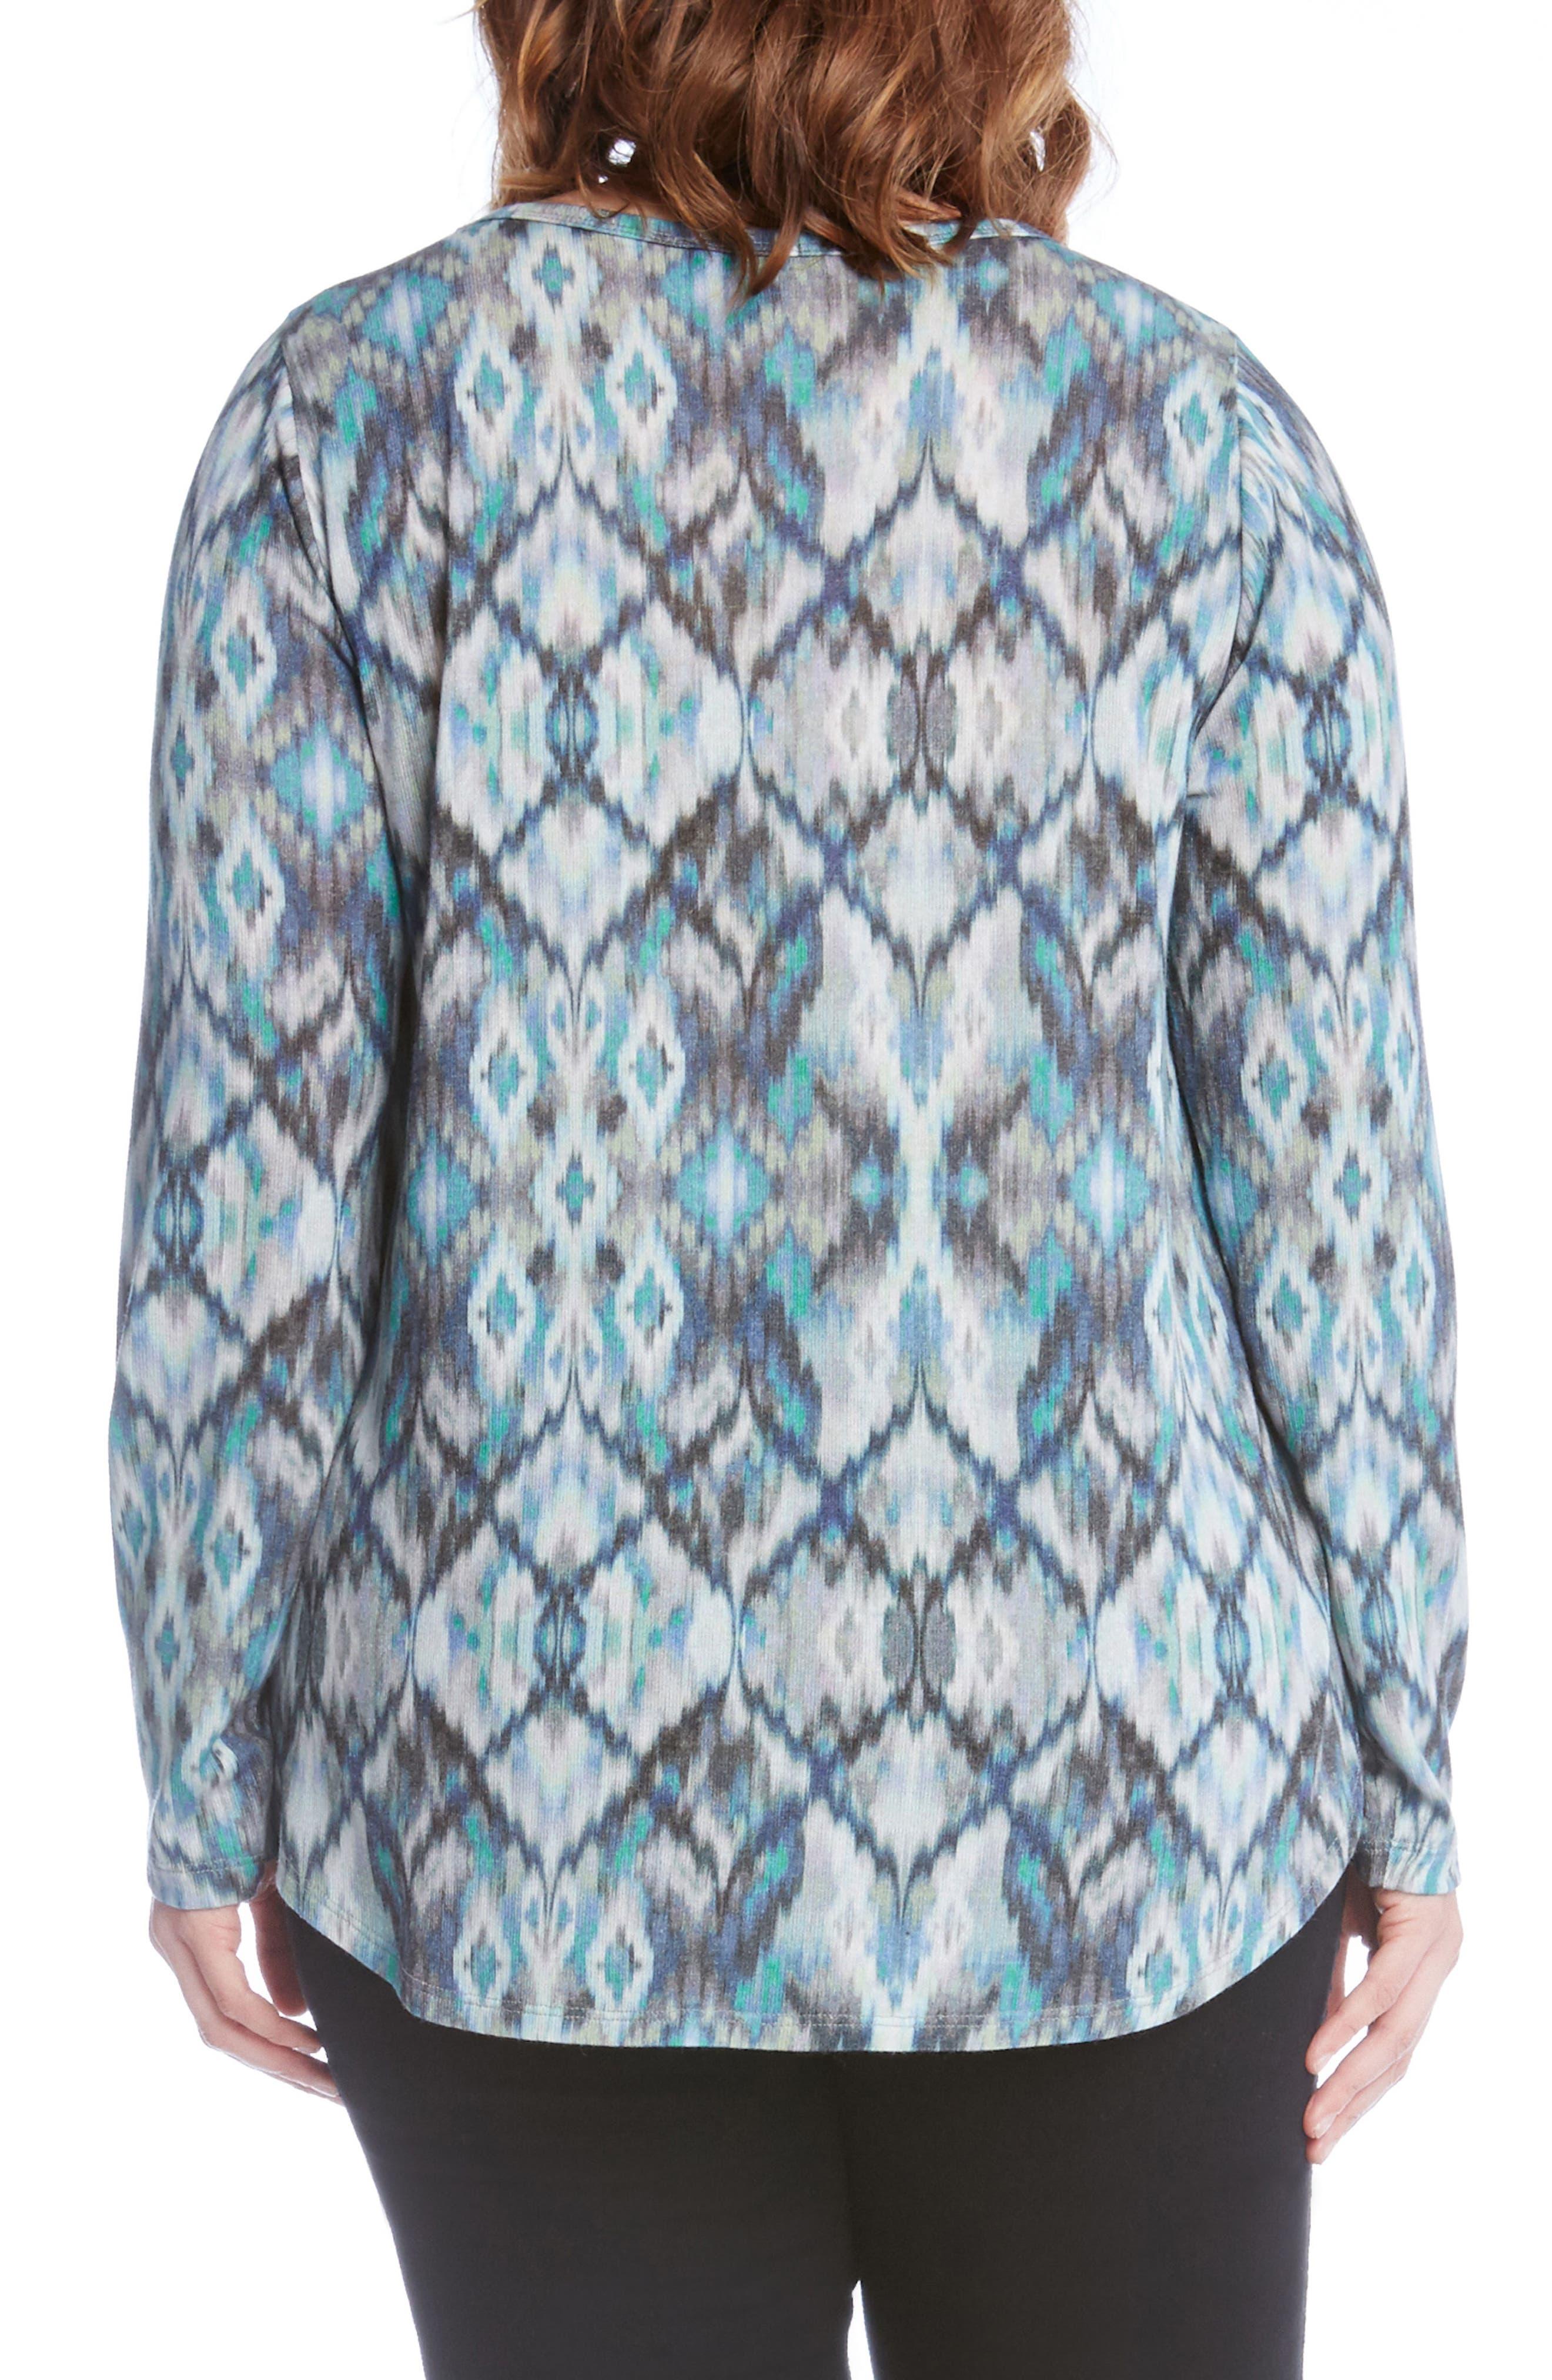 Alternate Image 3  - Karen Kane Print Shirttail Top (Plus Size)